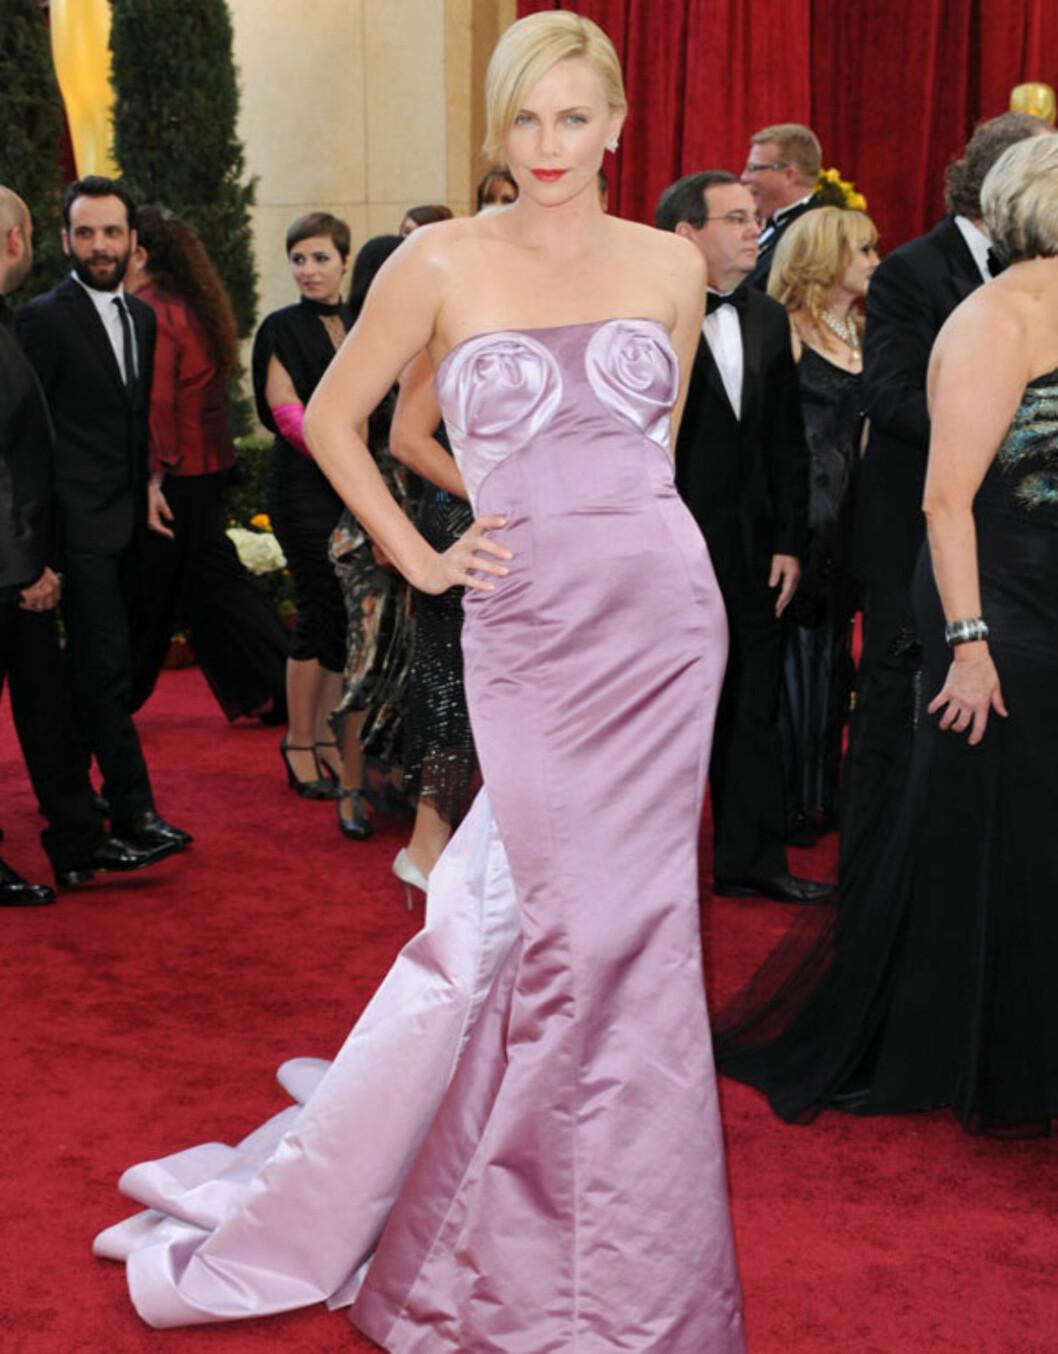 FRODIG BYSTE: Charlize Therons Dior-kjole vakte oppsikt med de strategisk plasserte «blomstene» på utdelingen i 2010.  Moviefone skrev at de trakk all oppmerksomheten bort fra stjernens skjønnhet.  Foto: All Over Press